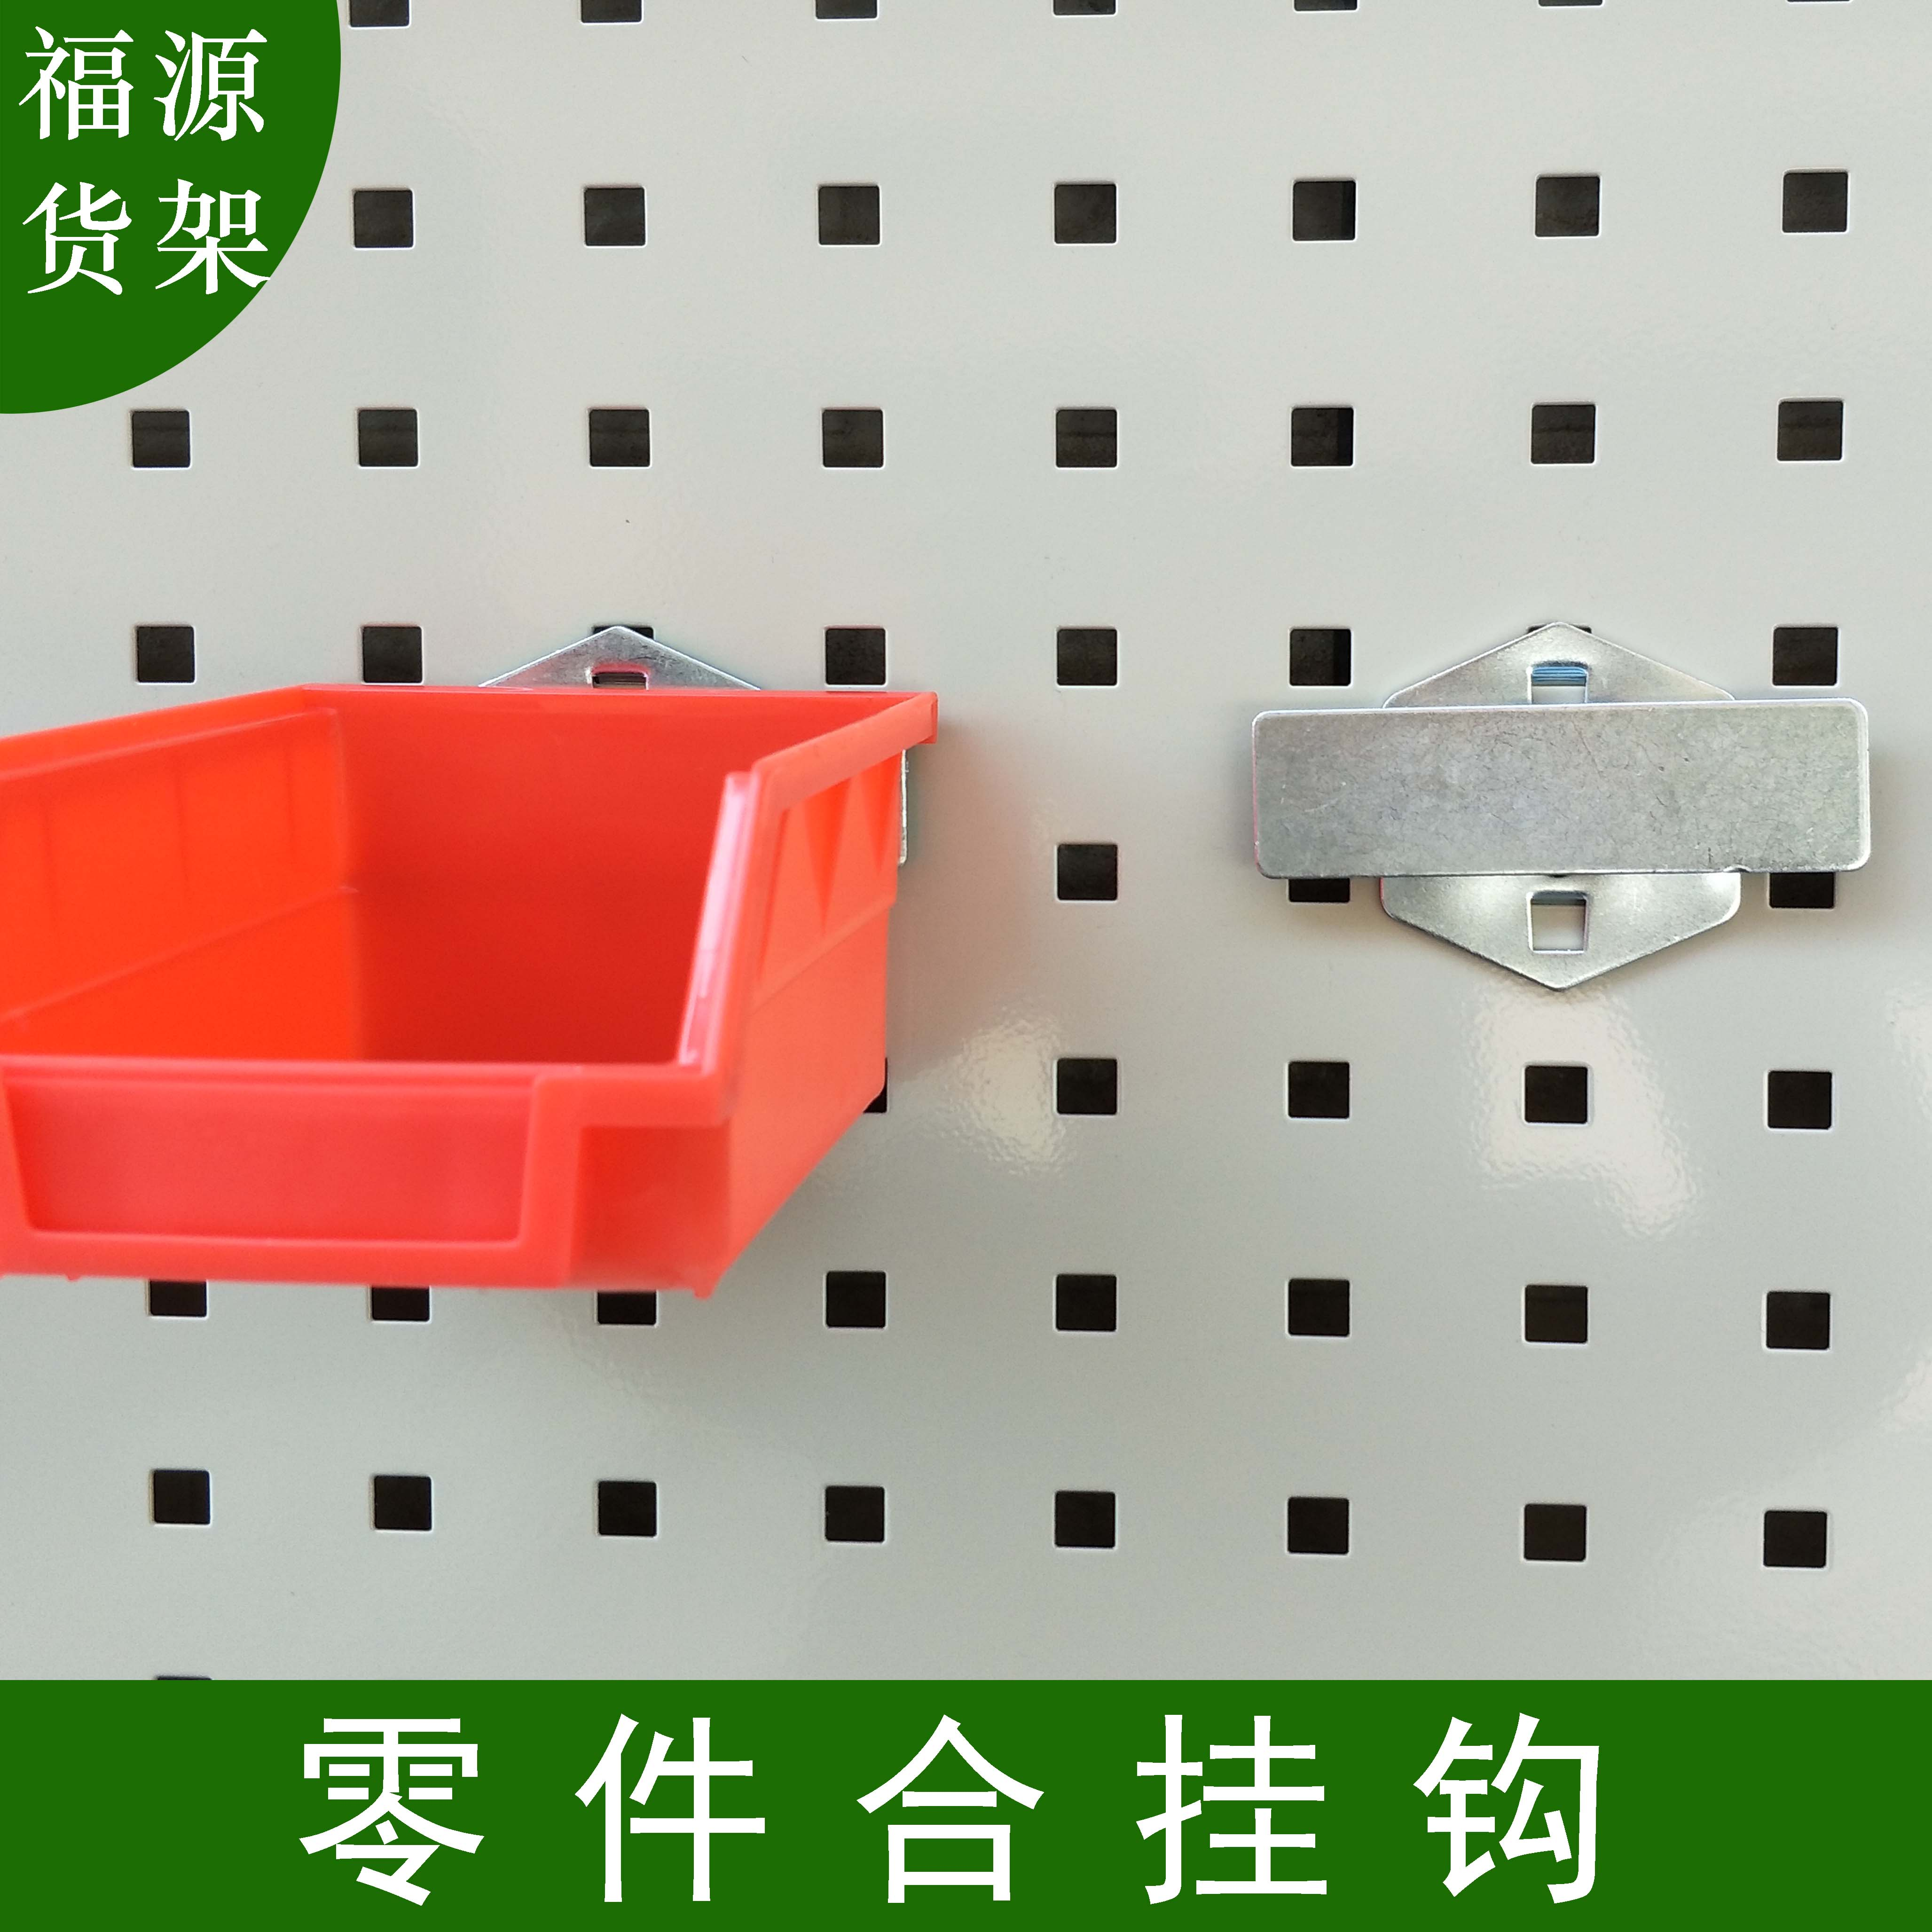 Задний подвесной частей близко подключить вещь материал близко подключить юань модель близко подключить квадратное отверстие вешать пьеса близко сын крюк